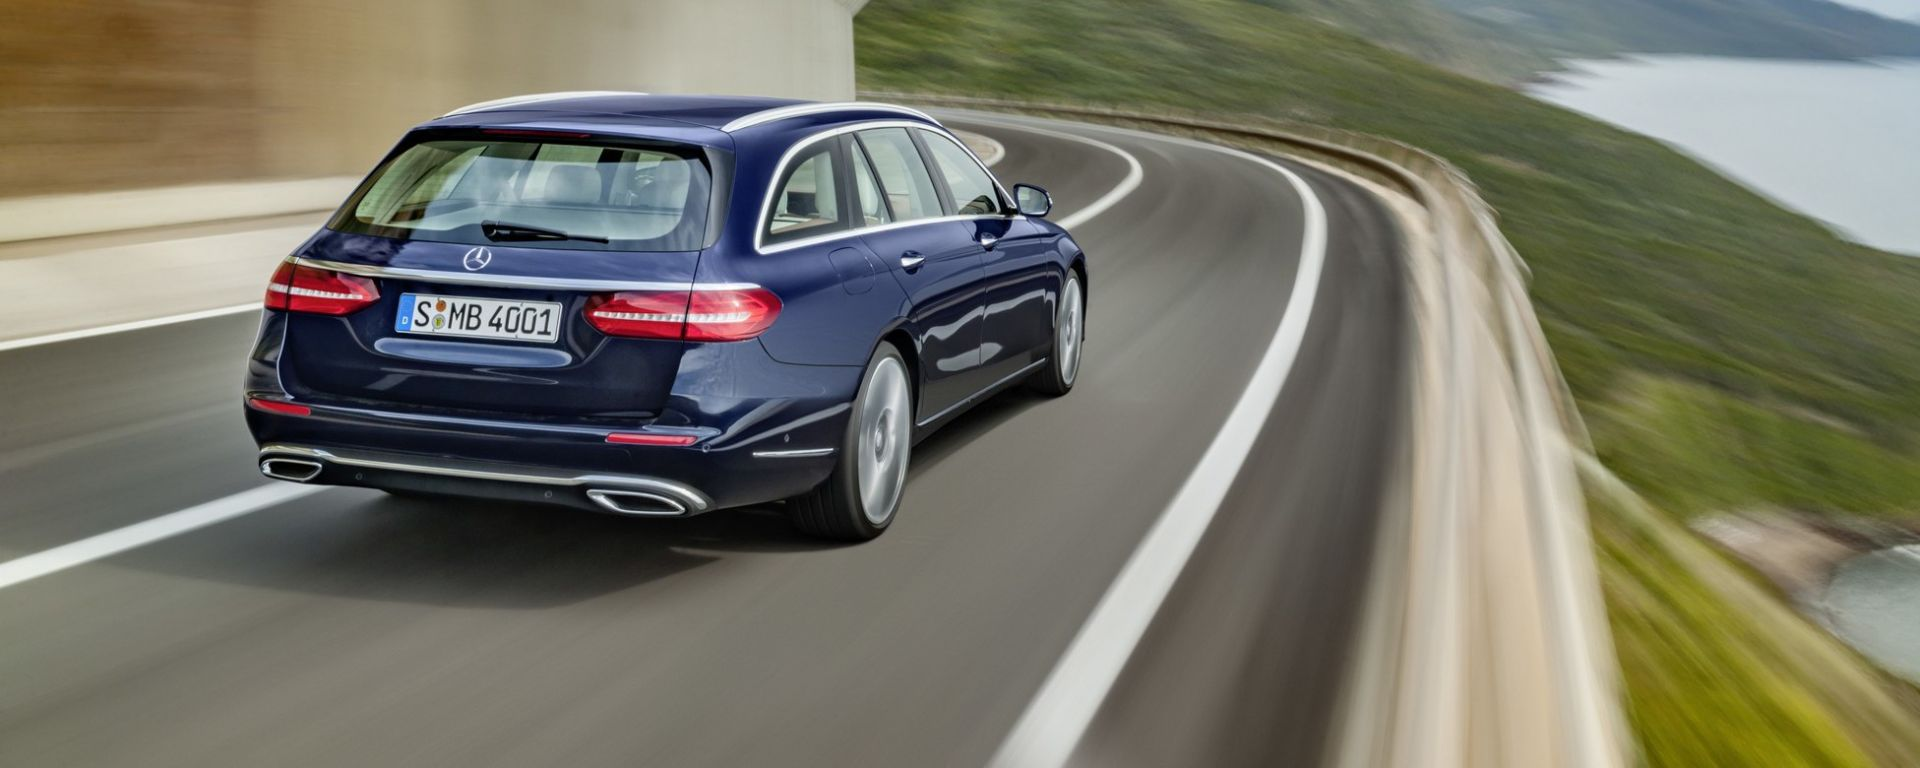 Mercedes Classe E Wagon: vista posteriore